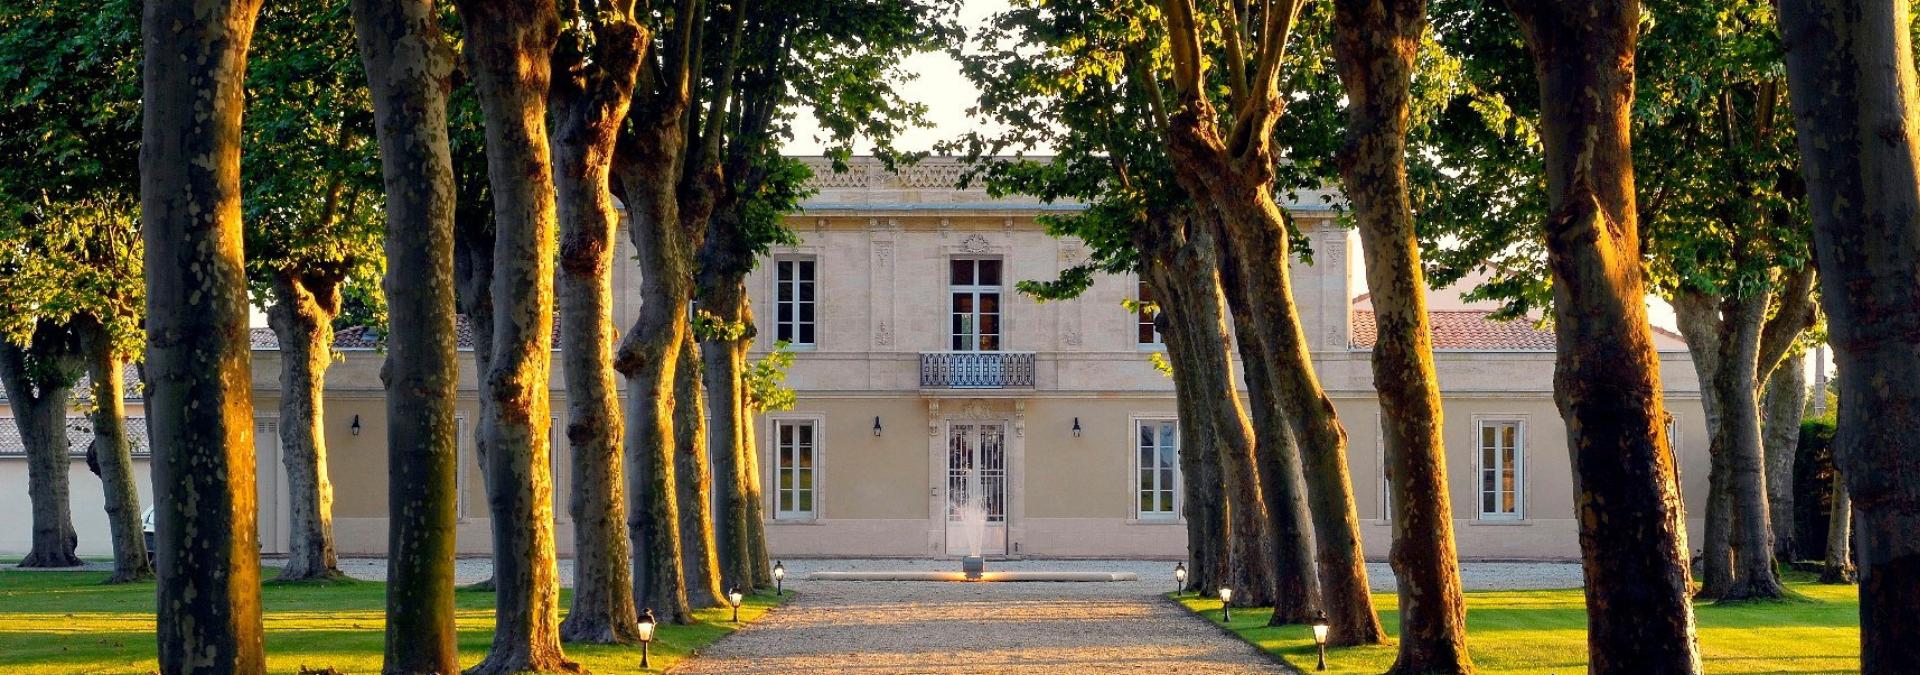 Château Haut Breton Larigaudière